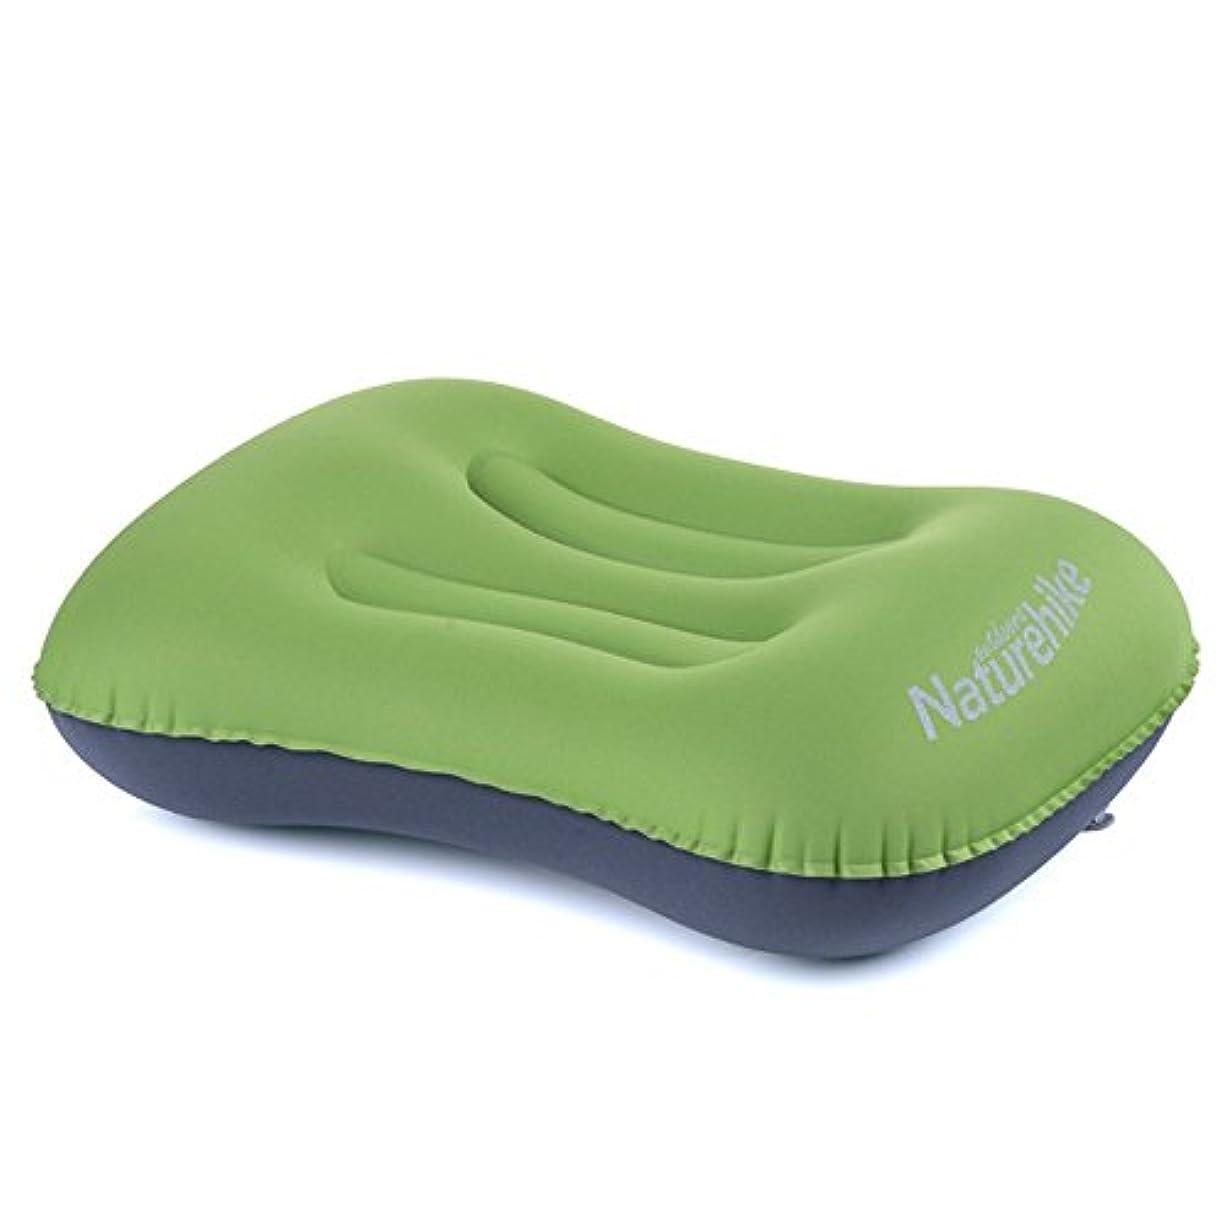 分注するに対応するウィザードNaturehike公式ショップ 枕 アウトドア オフィス、旅行用インフレータブル枕 飛行機枕 ポータブル旅行枕 ネックサポート枕